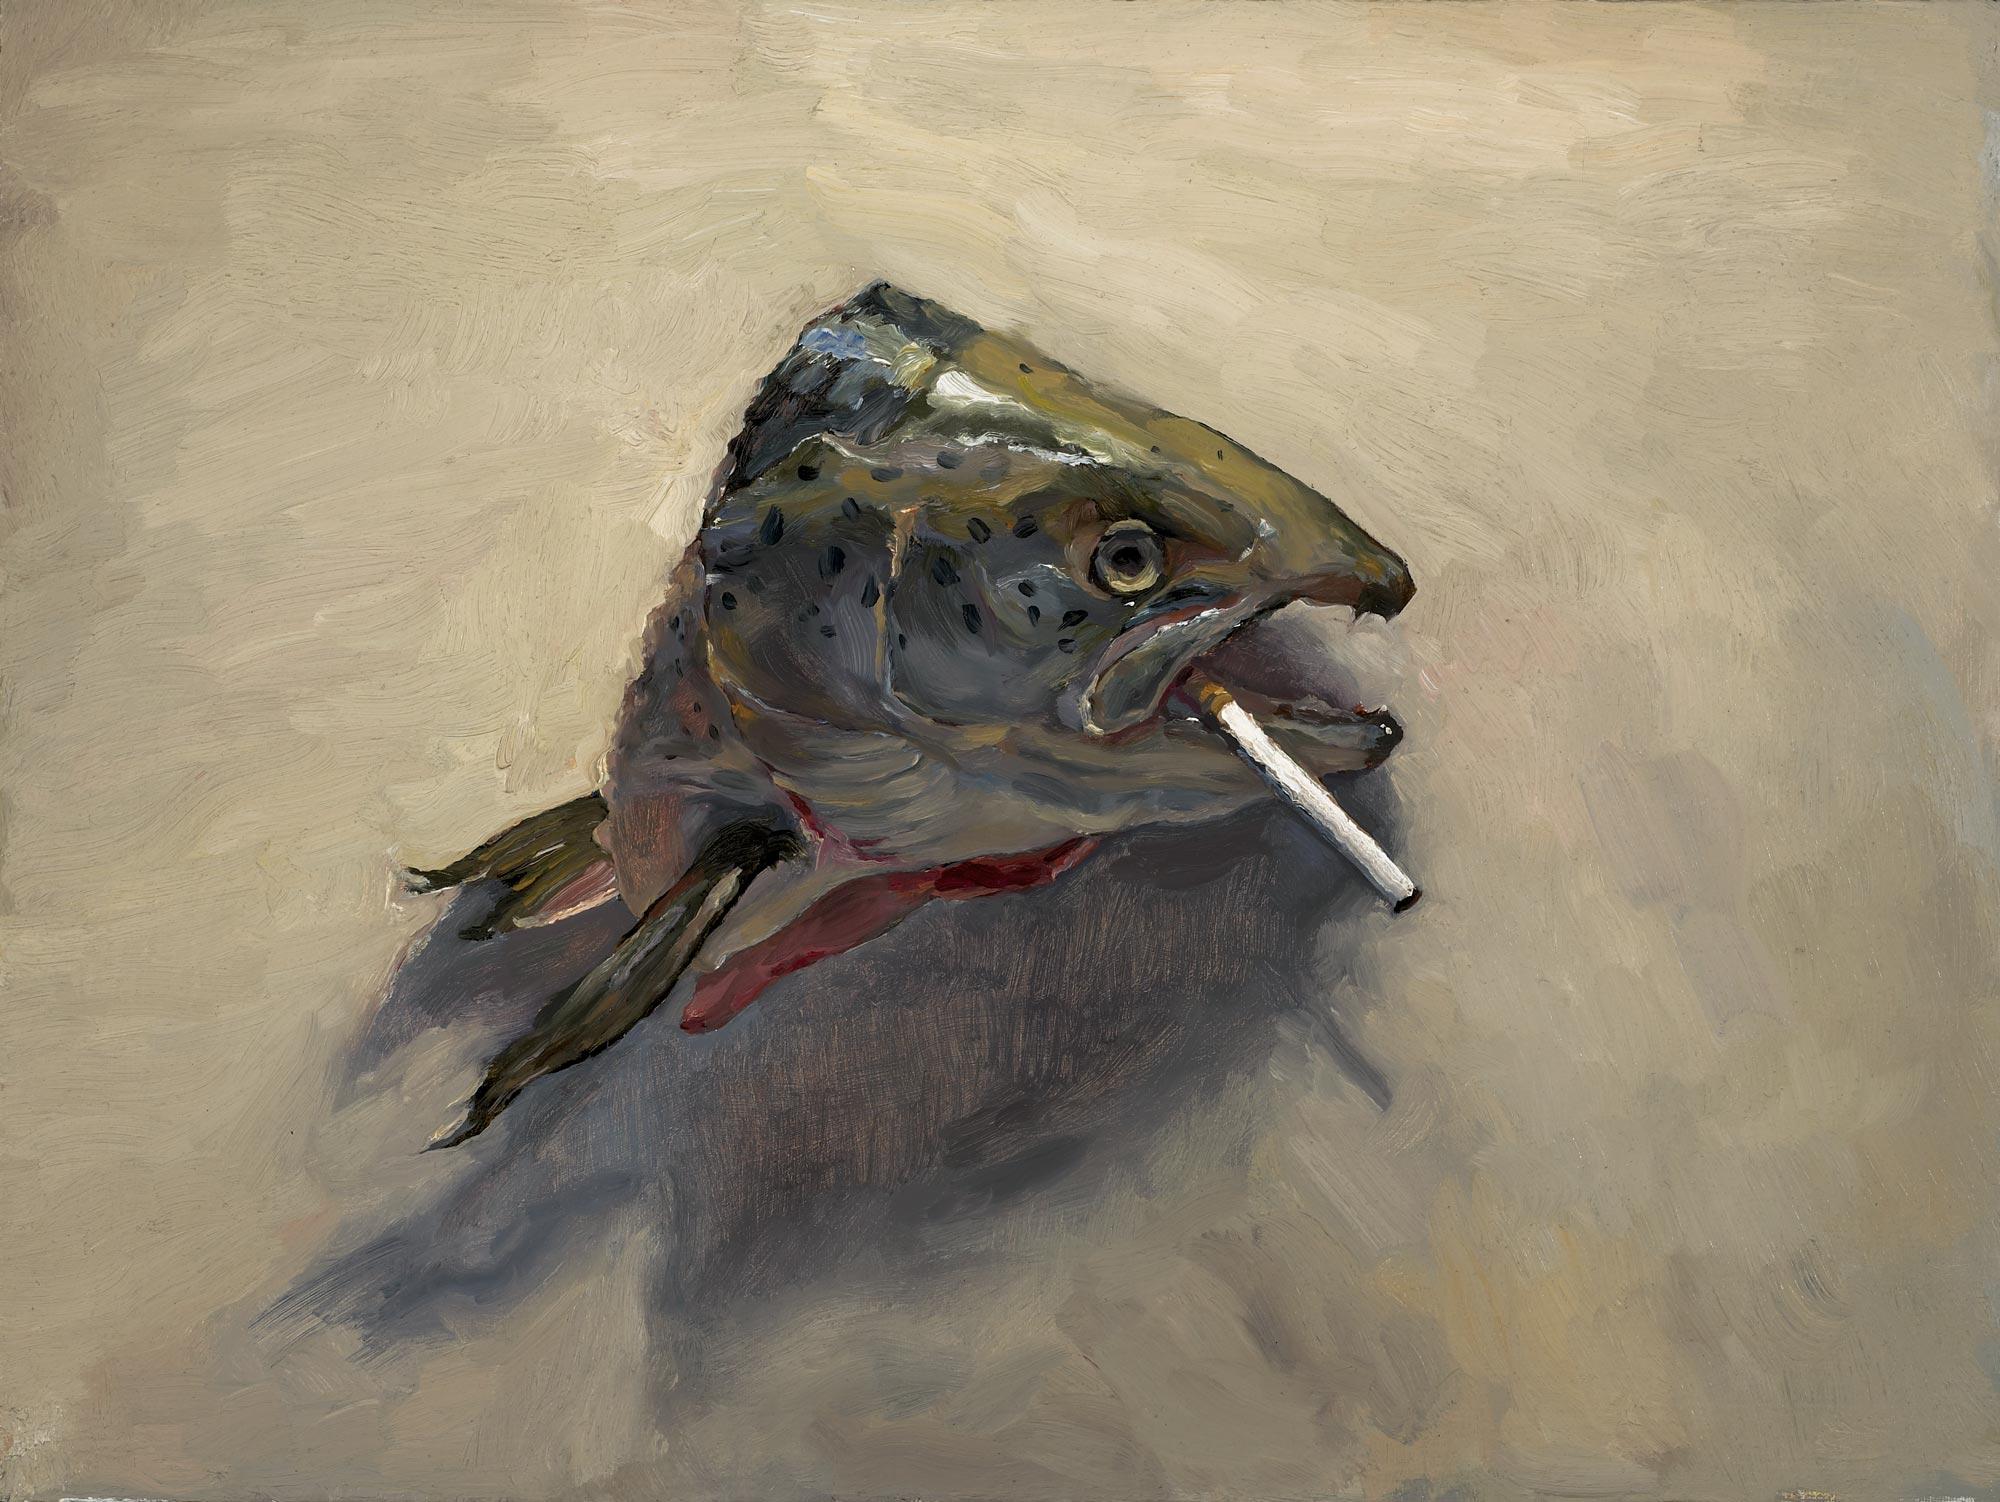 Sleepy Head 3, 18 x 24, oil on canvas, 2010